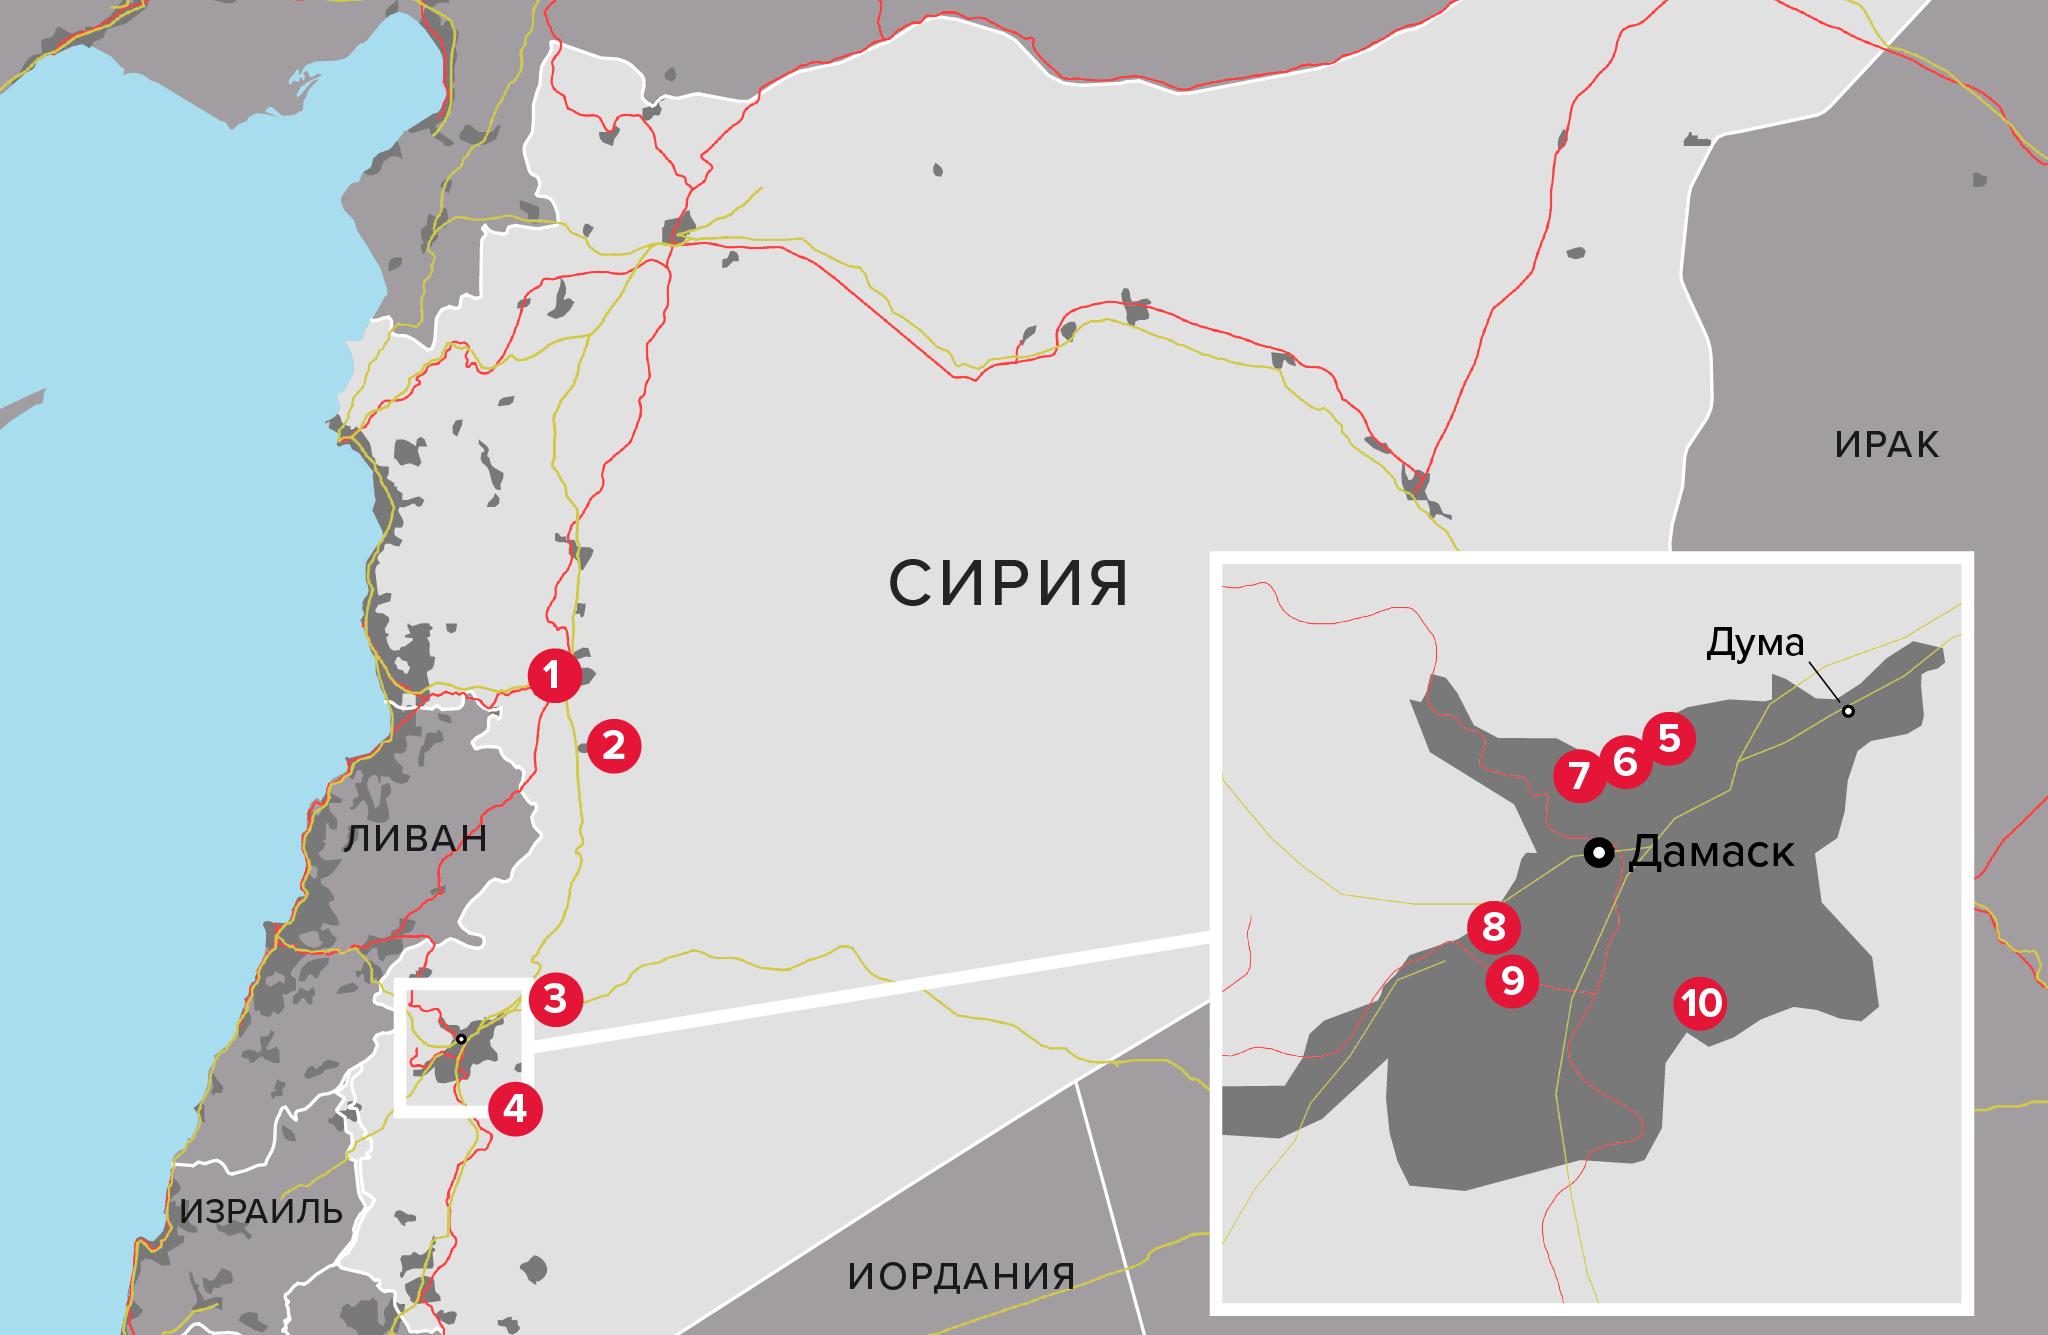 Ракетные удары США, Франции и Великобритании по Сирии